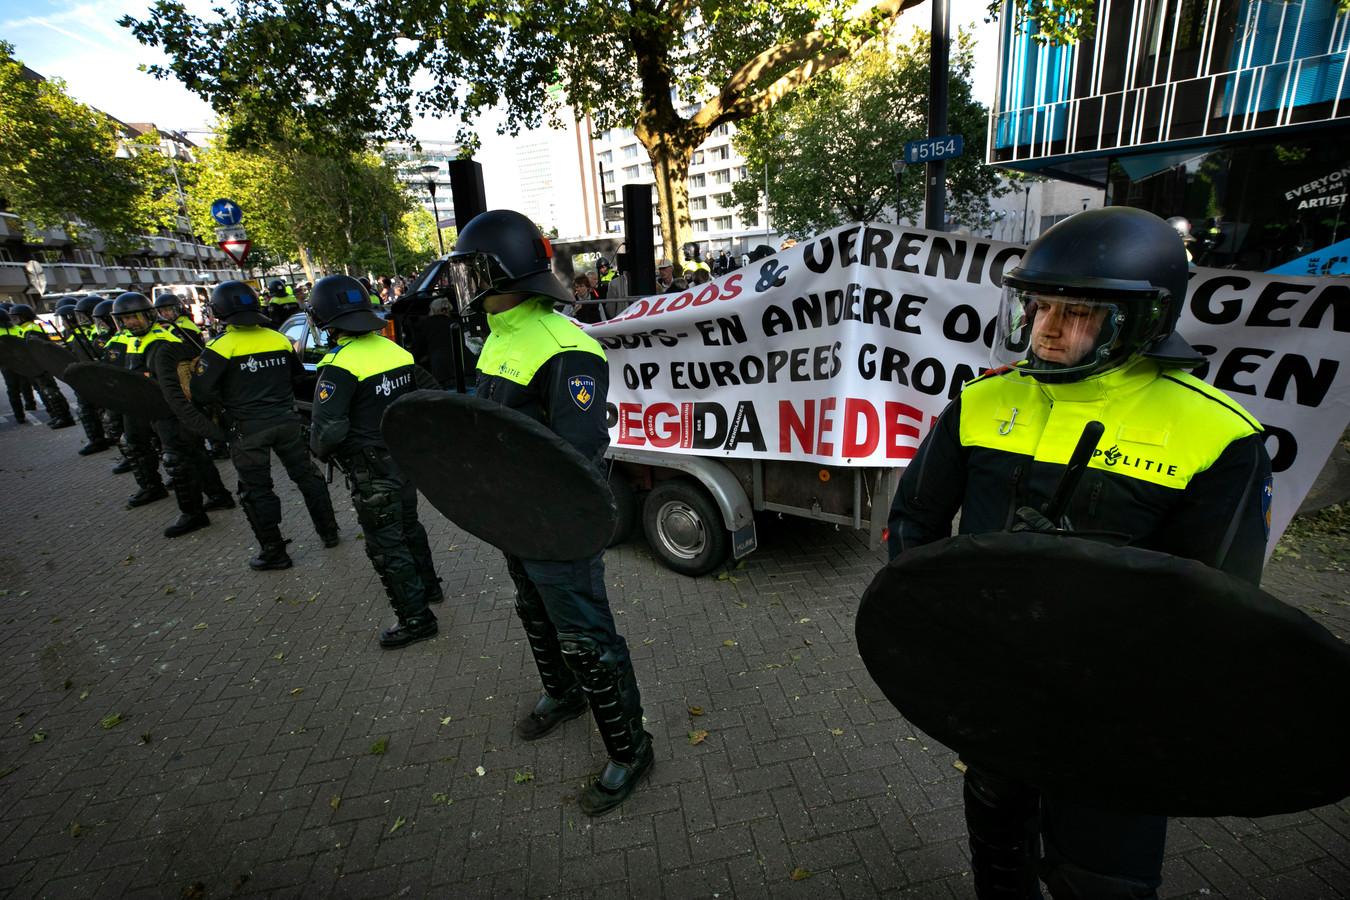 De Pegida-betoging in Eindhoven in mei 2019.